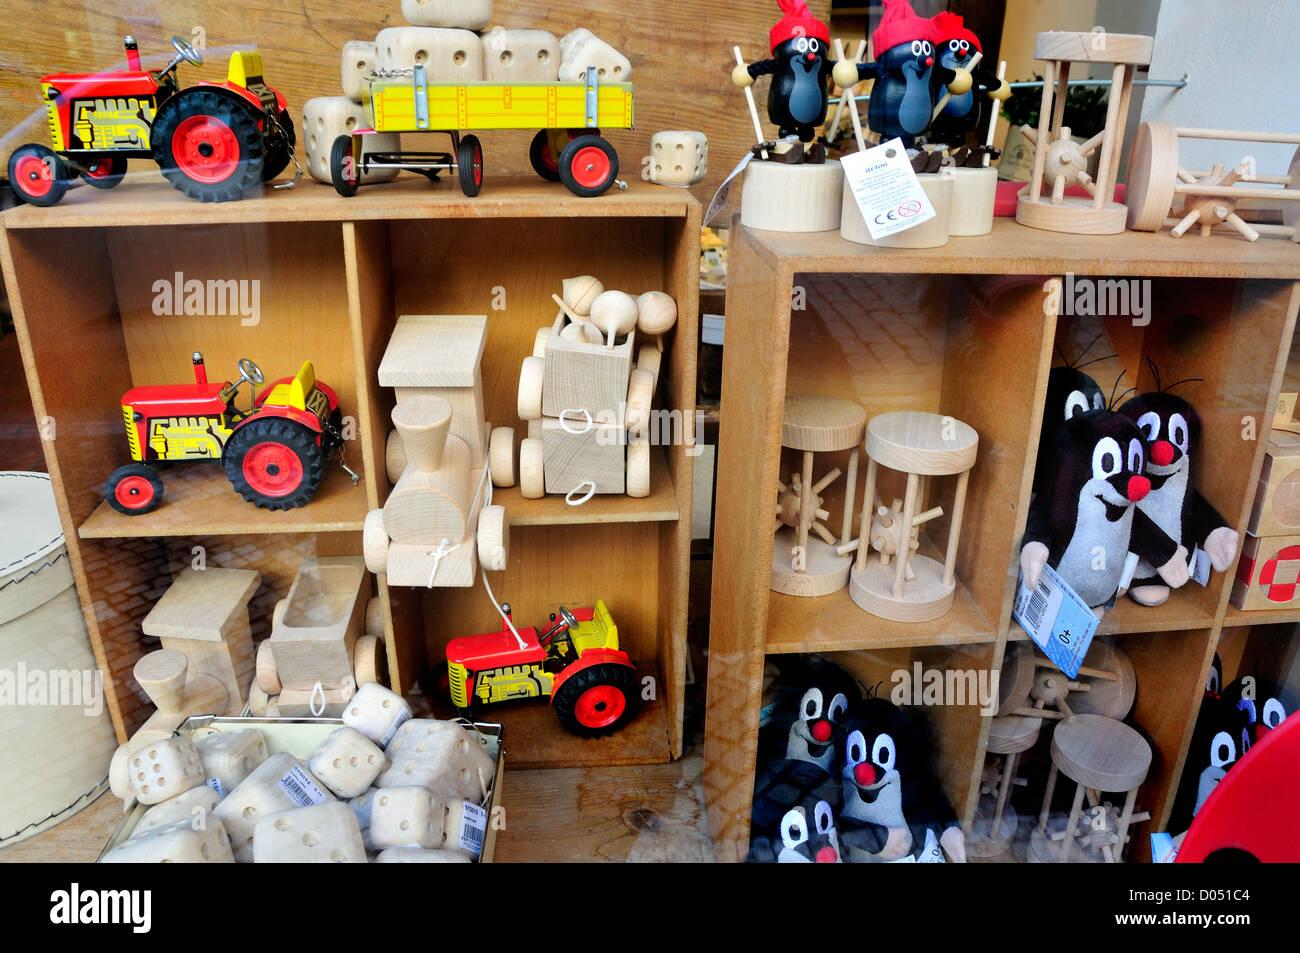 boutique de jouets en bois a abondance